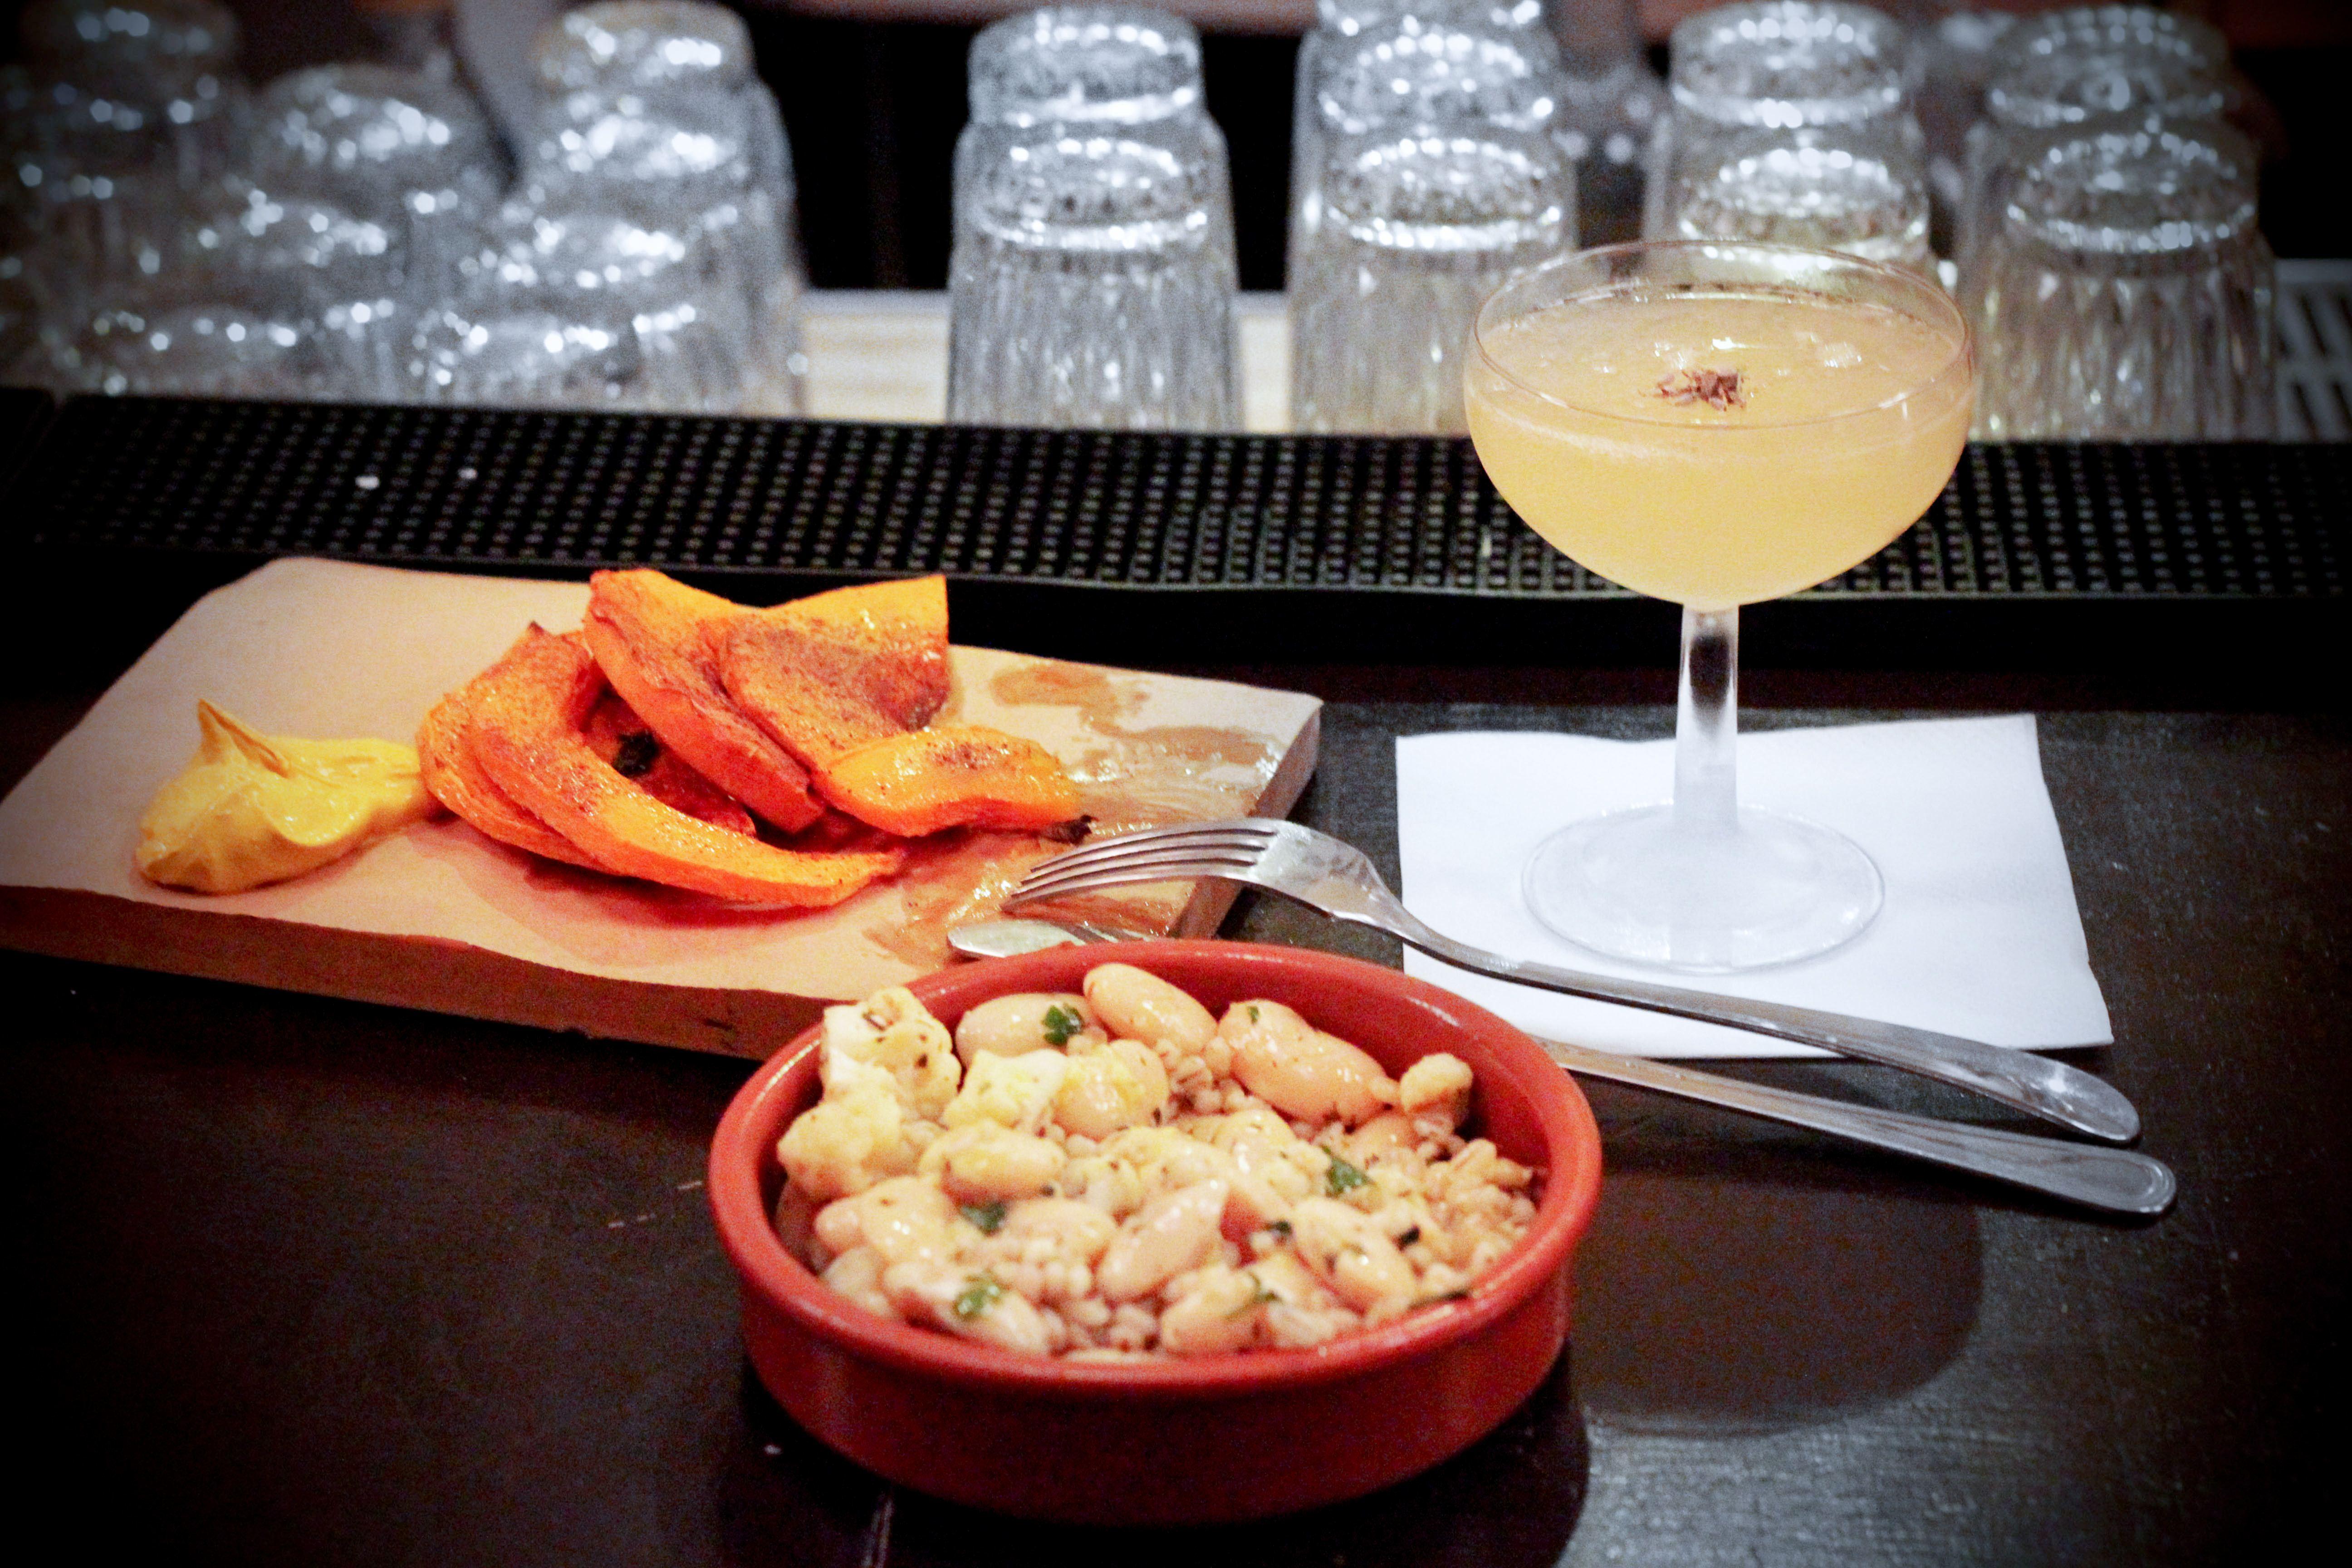 Bistro w Koszykach słynie z przysmaków przygotowywanych z sezonowych produktów. Na zdjęciu: dynia z cynamonem i liściem szałwii podana z sosem śmietanowo-kurkumowym, sałatka z kalafiorem oraz słynny drink